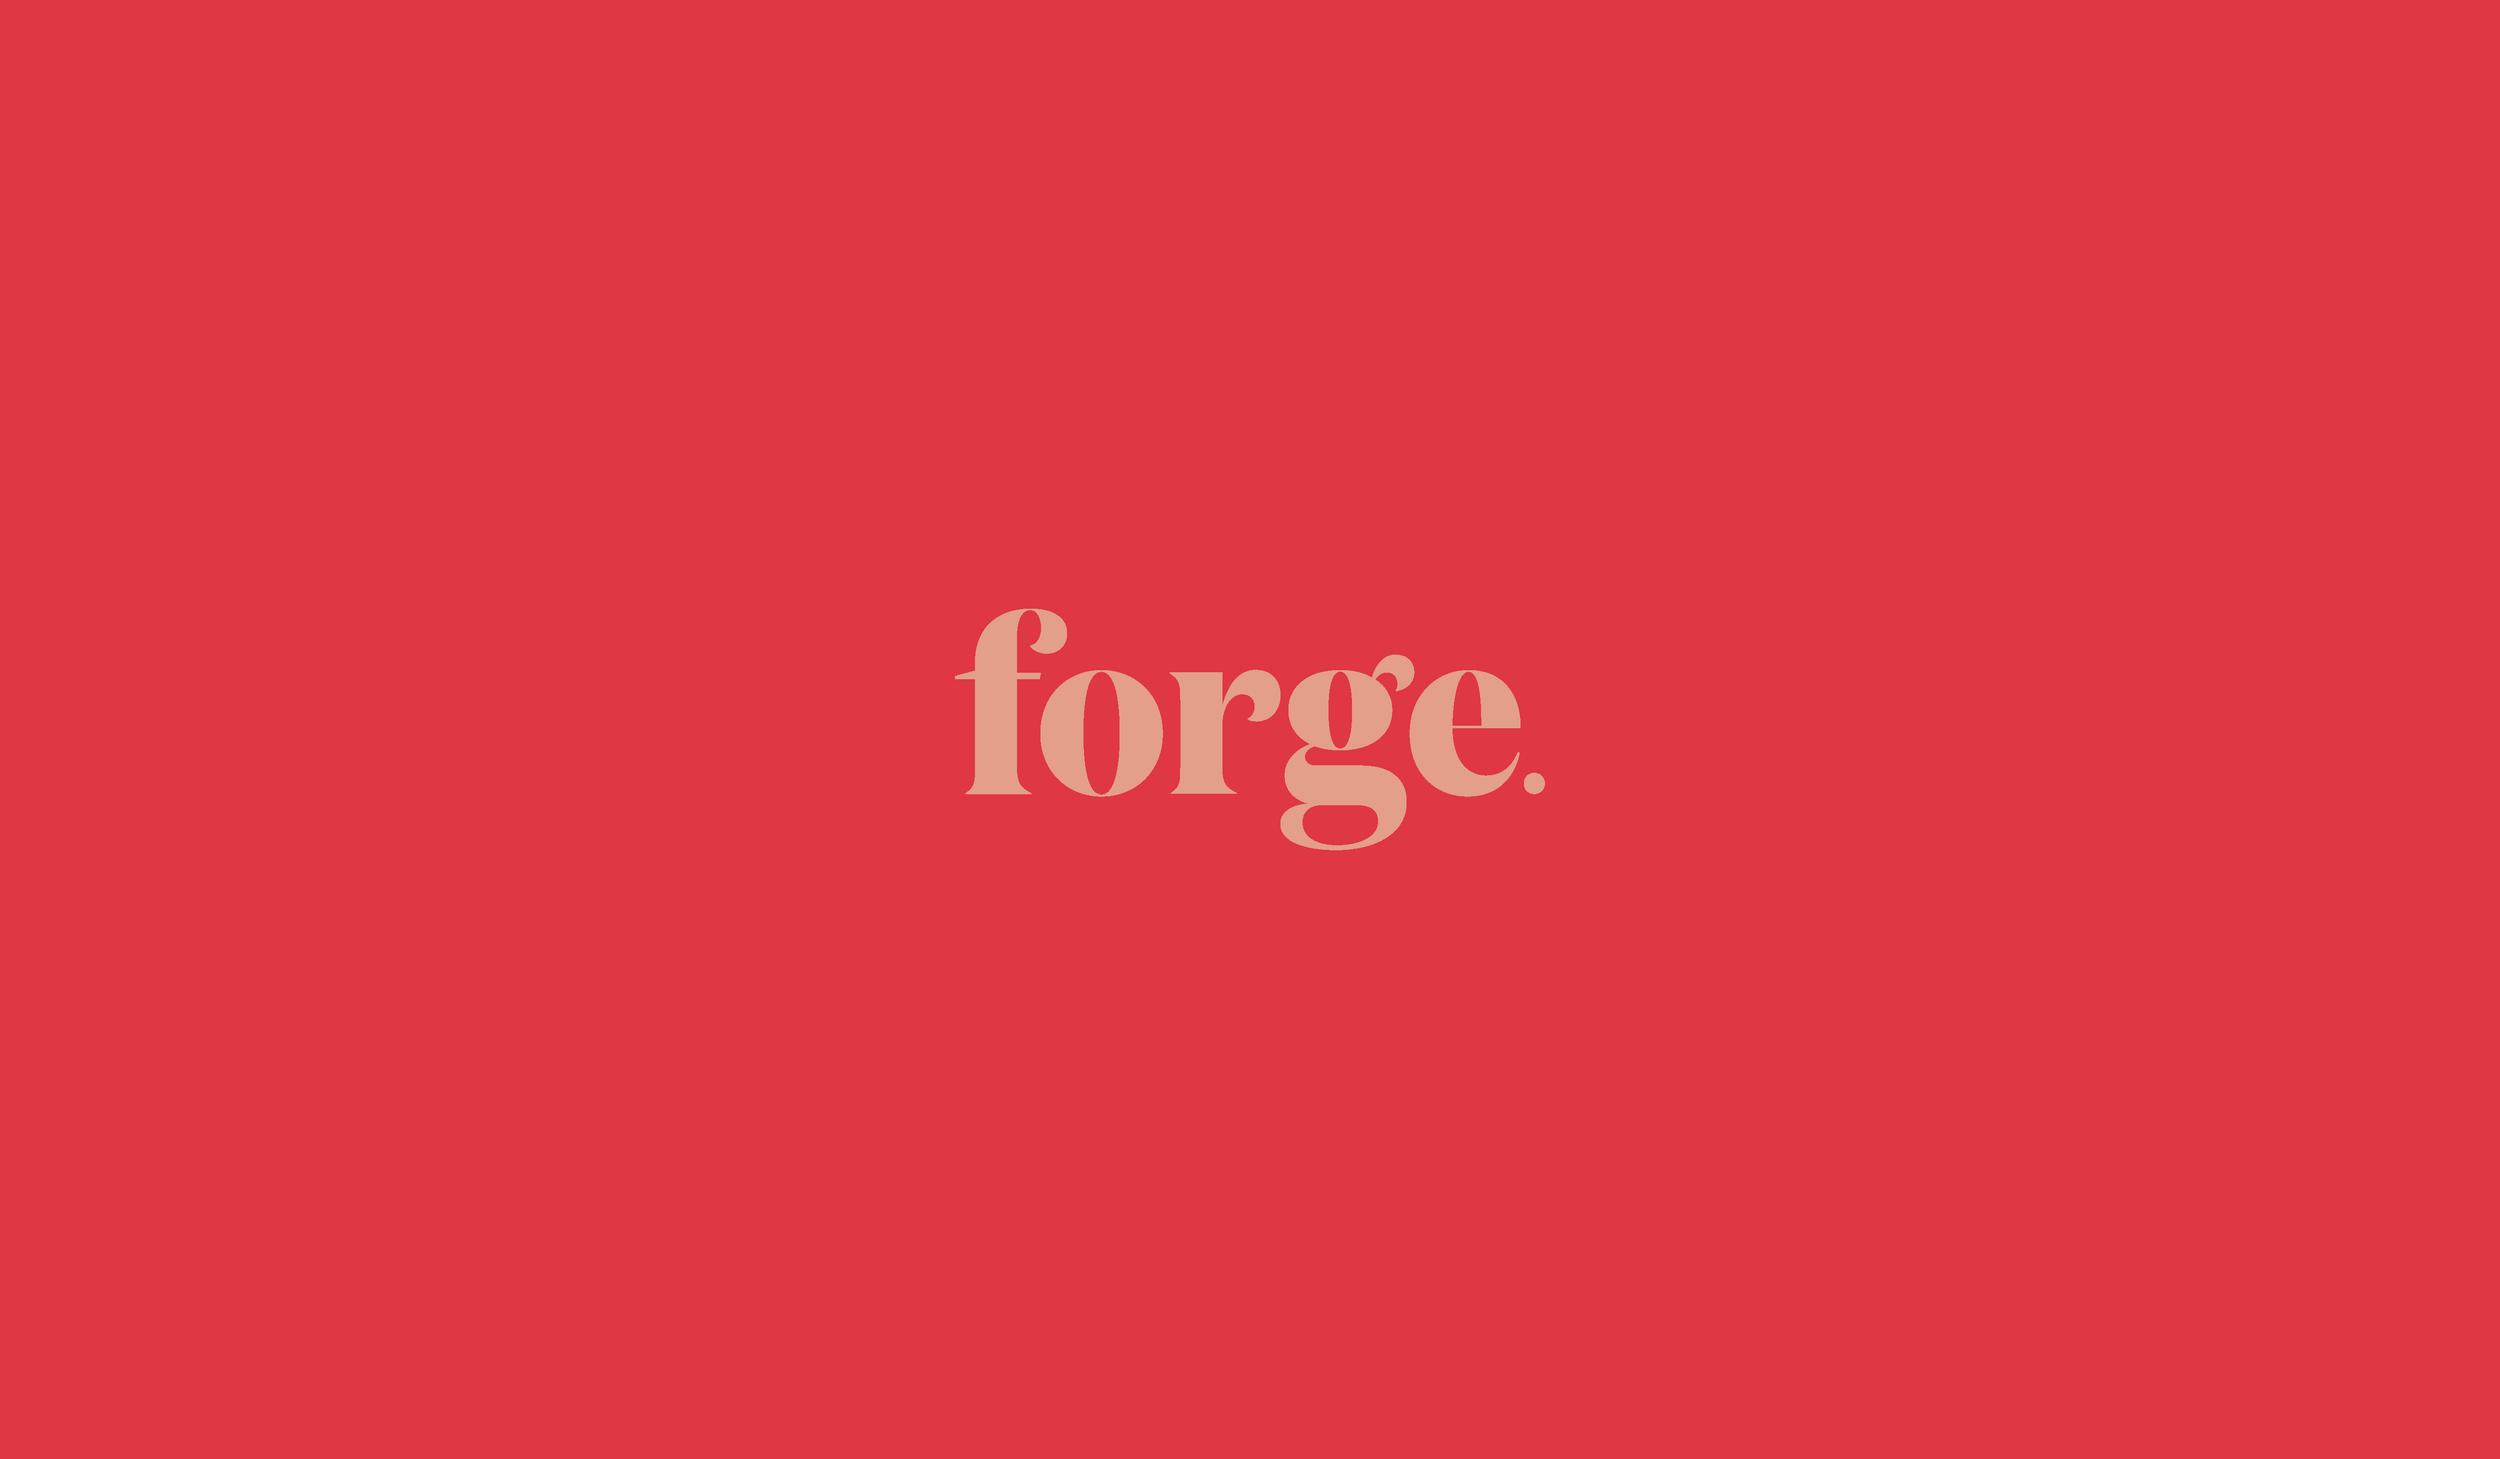 Forge_Branding_Modern_Bold_Logo_Design_Branding